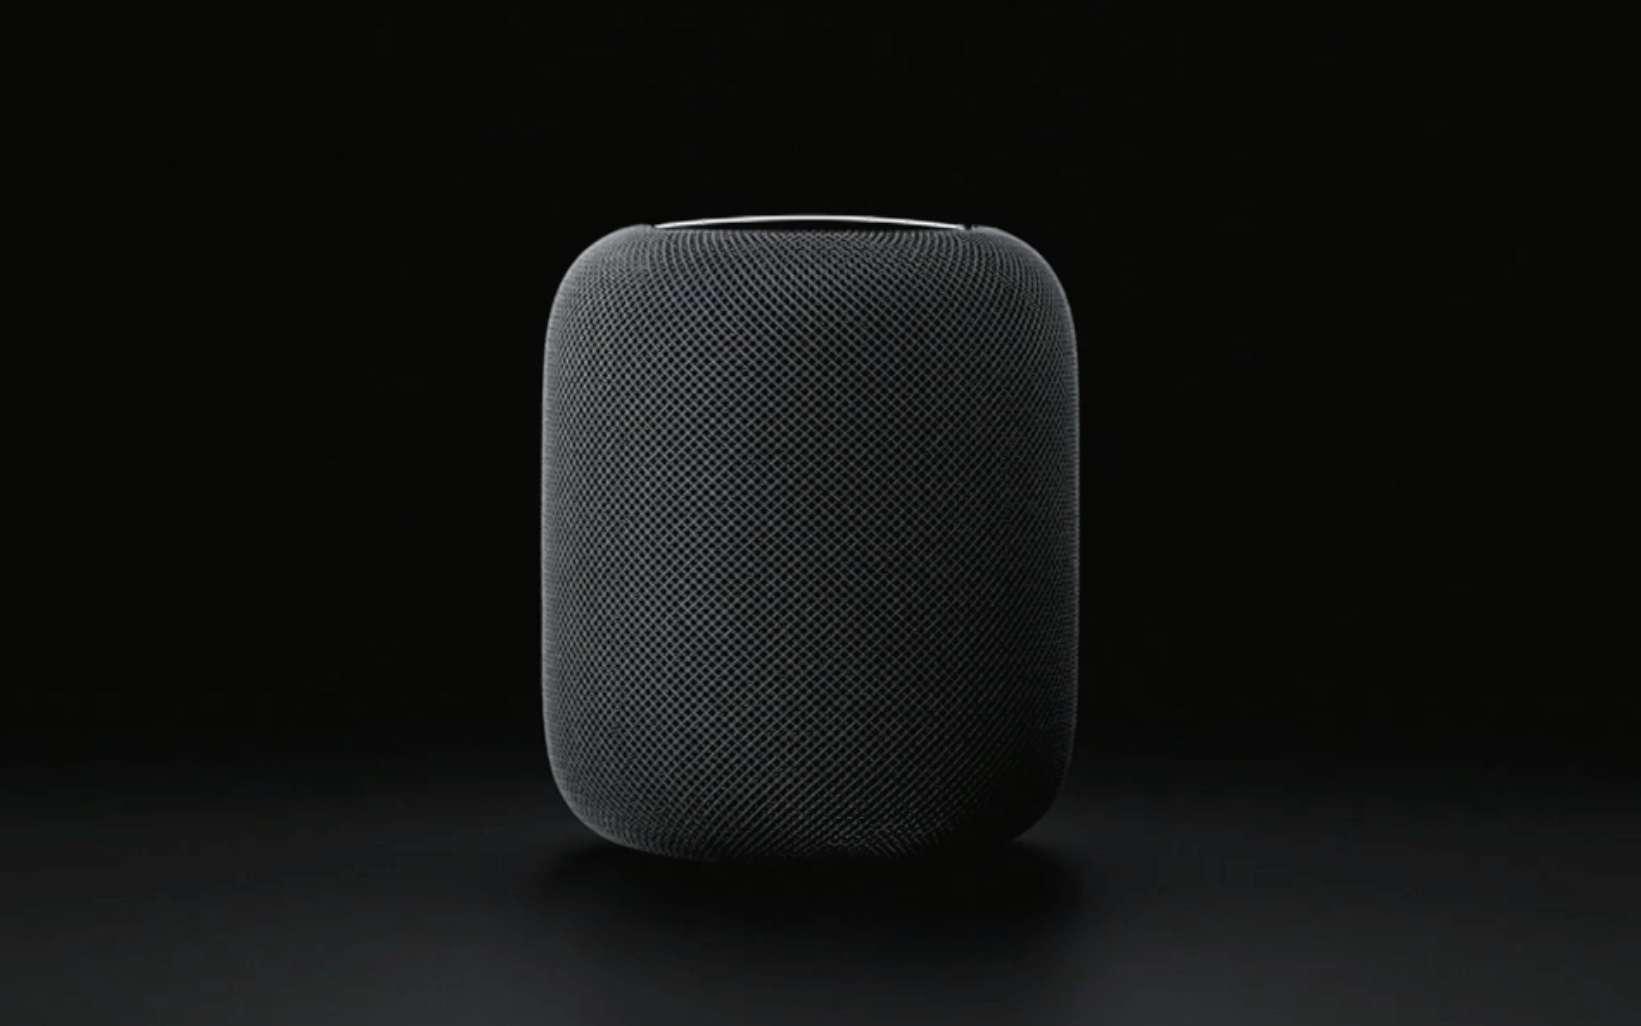 Avec HomePod, Apple a voulu se rapprocher d'un design renvoyant à l'univers de la hi-fi plus qu'à celui du gadget électronique. © Apple